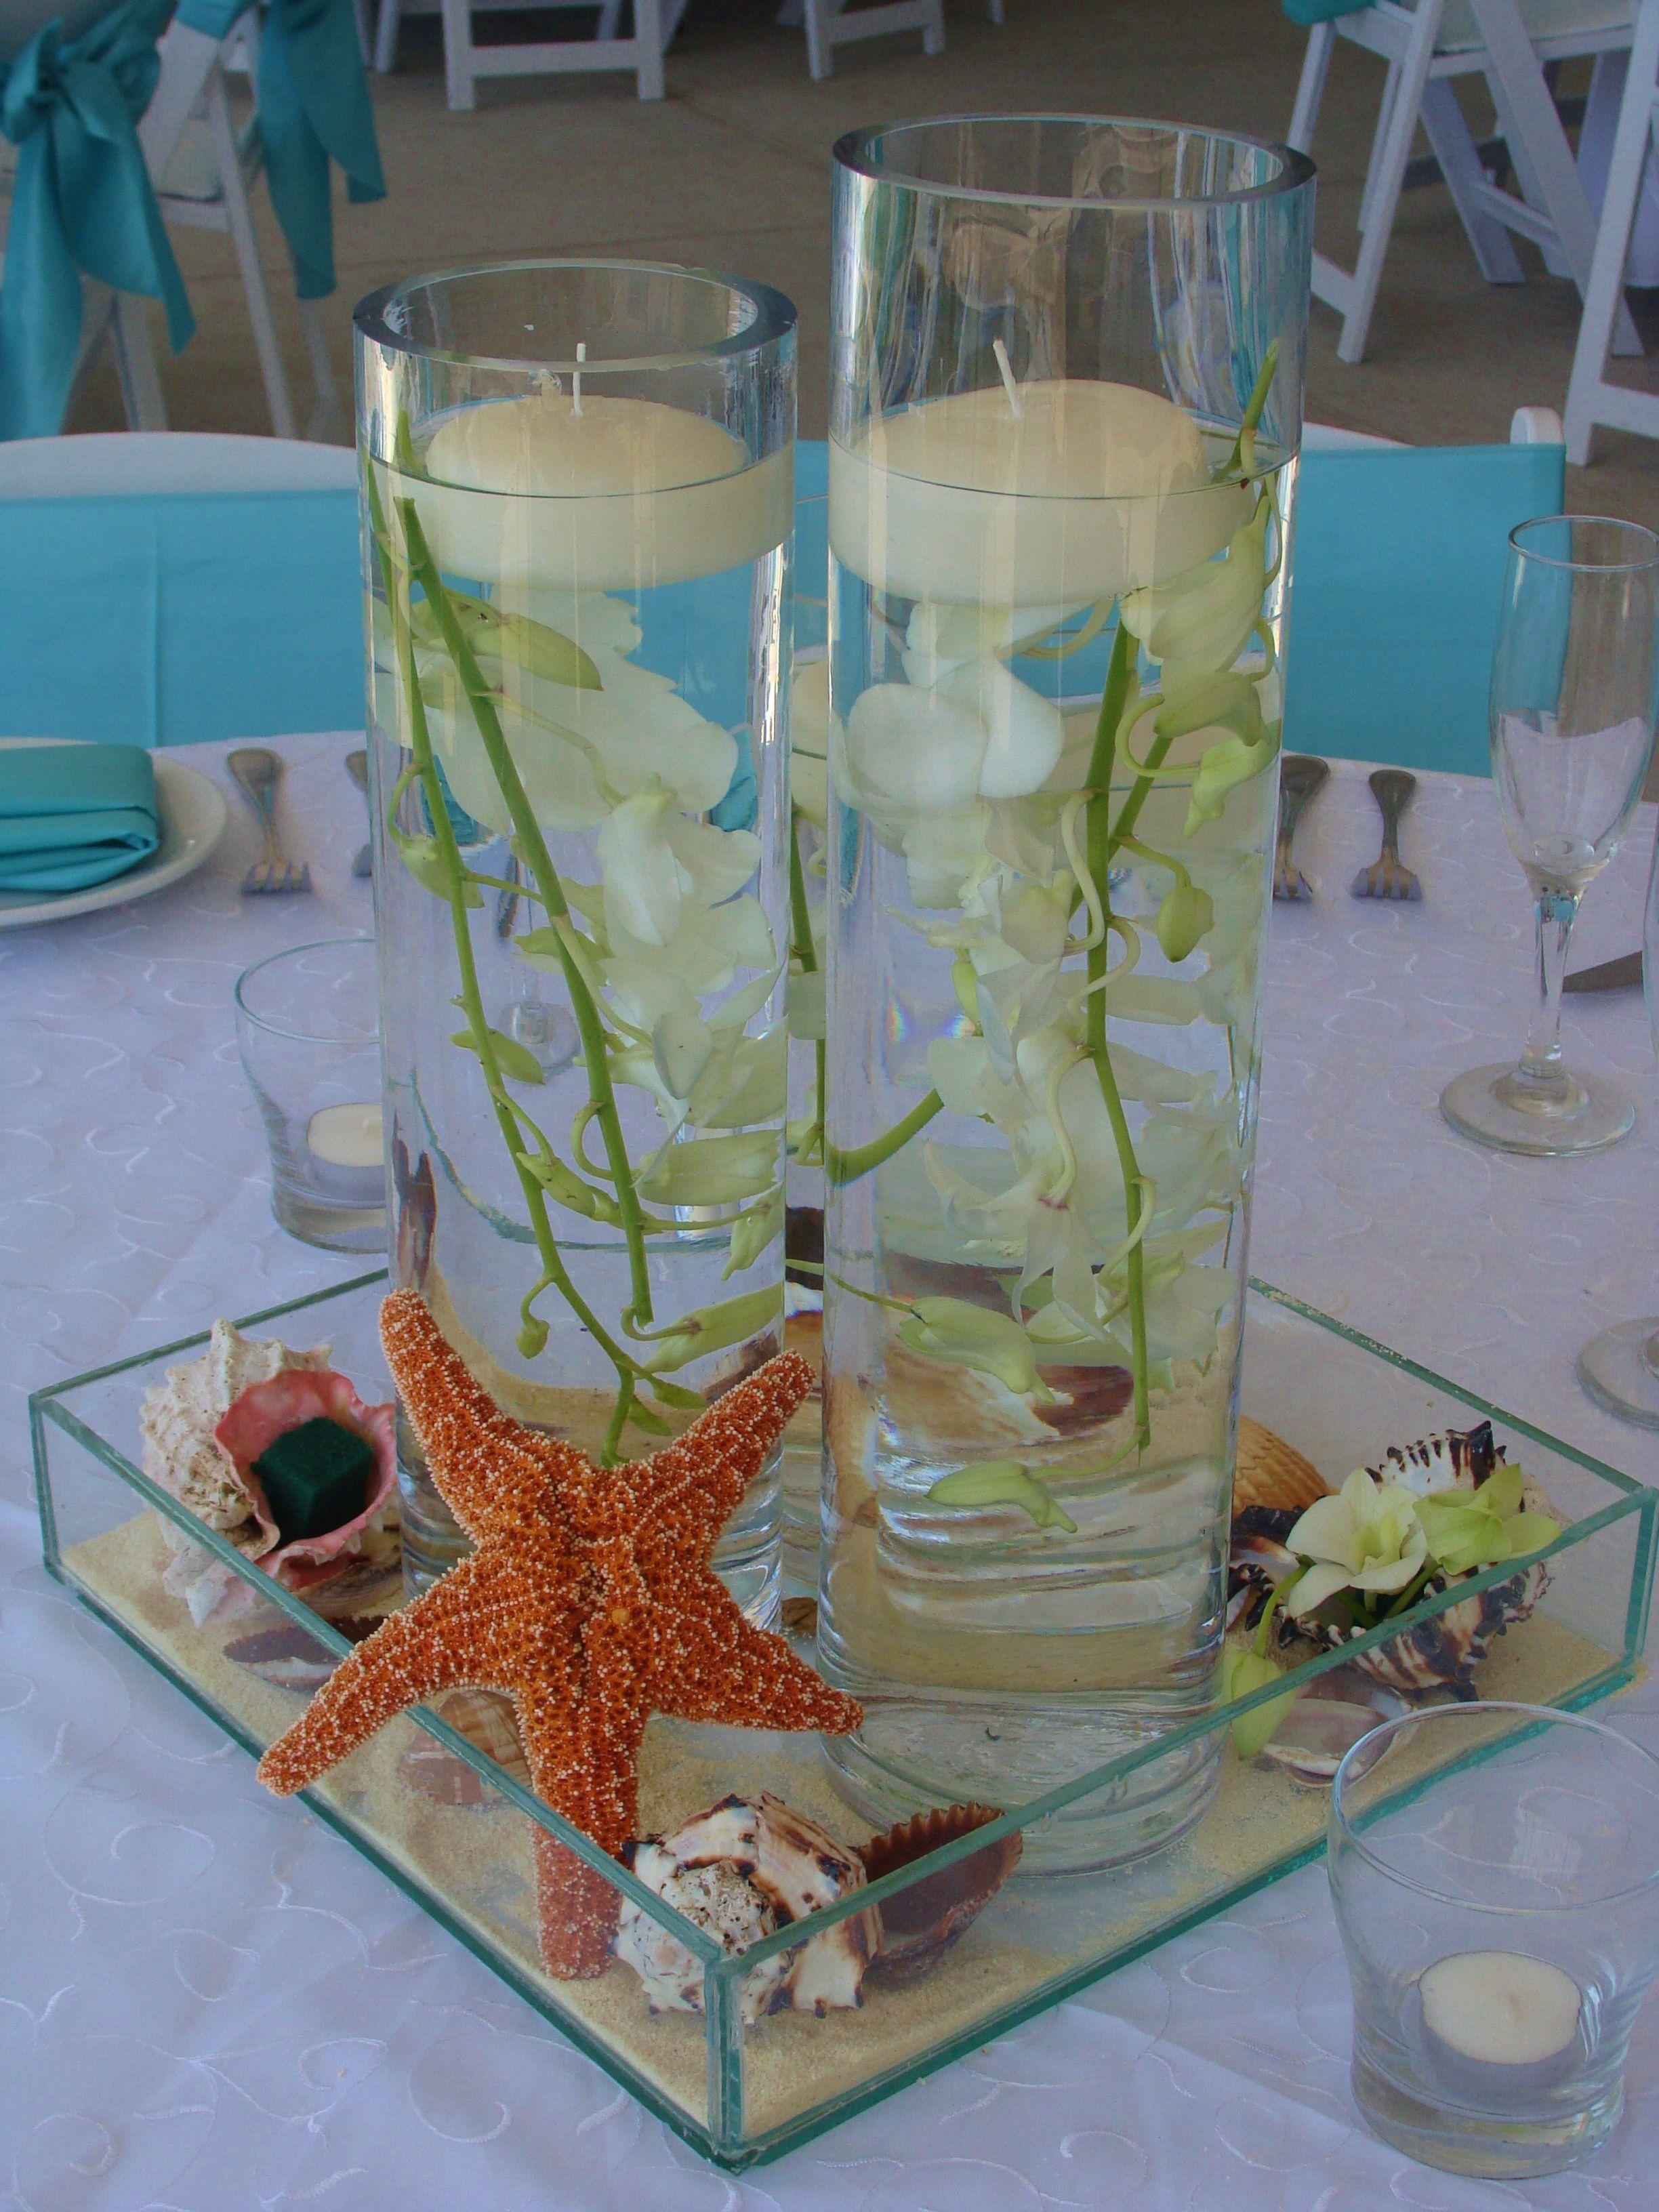 Centro de mesa cilindros con agua y orquideas sumergidas - Decoracion con conchas ...